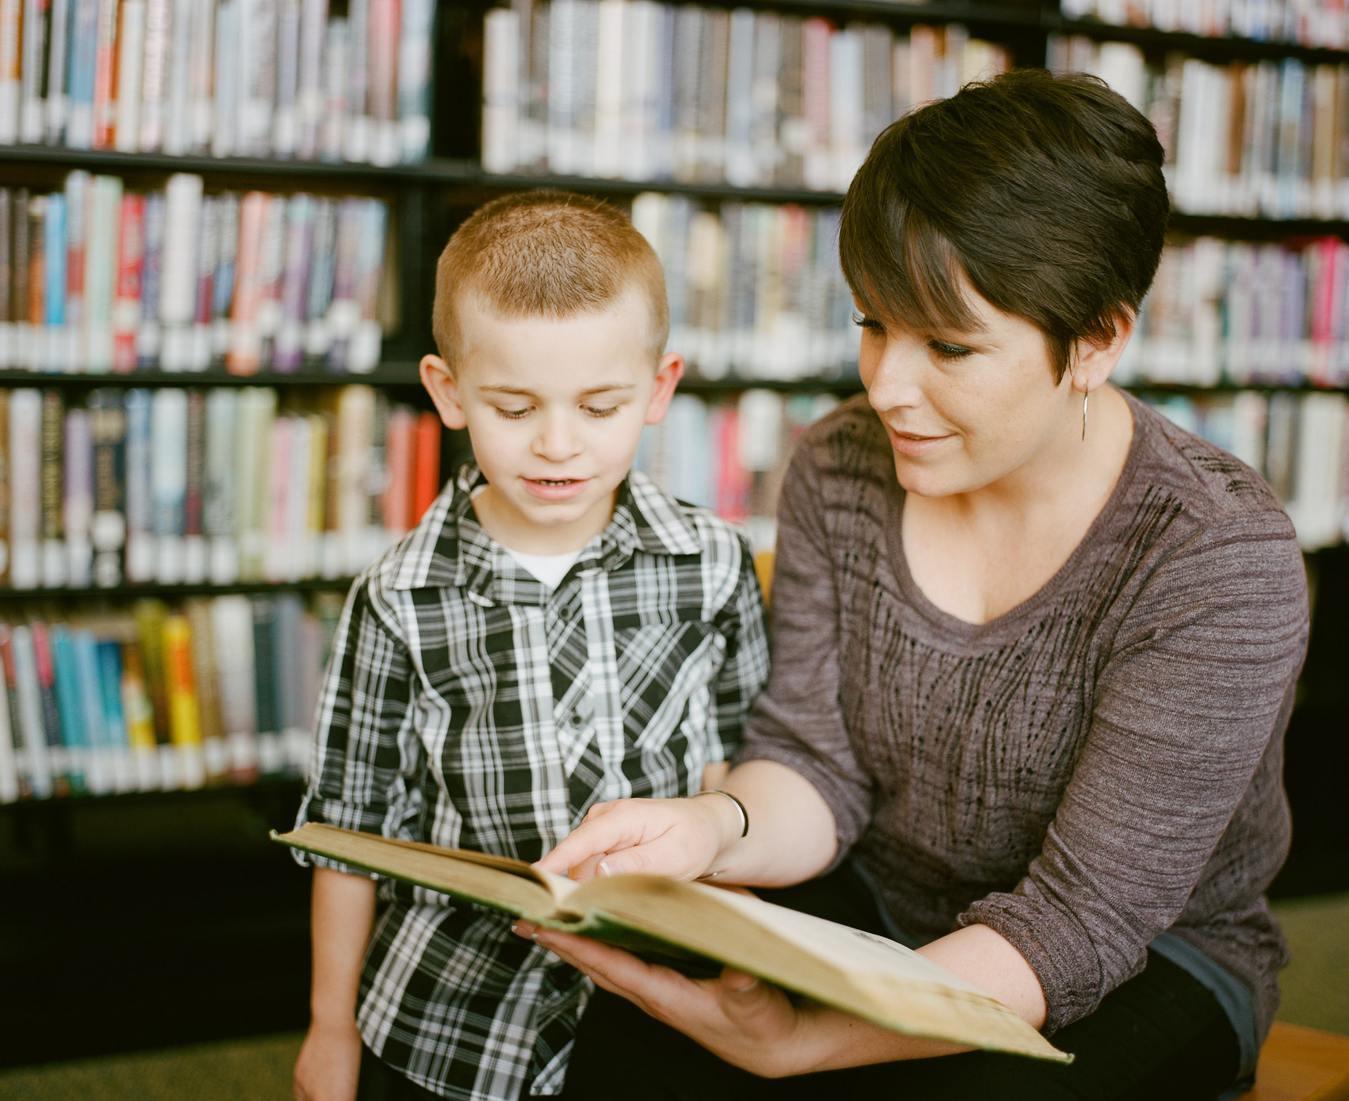 một người phụ nữ lớn tuổi chỉ vào sách bên cạnh một em bé